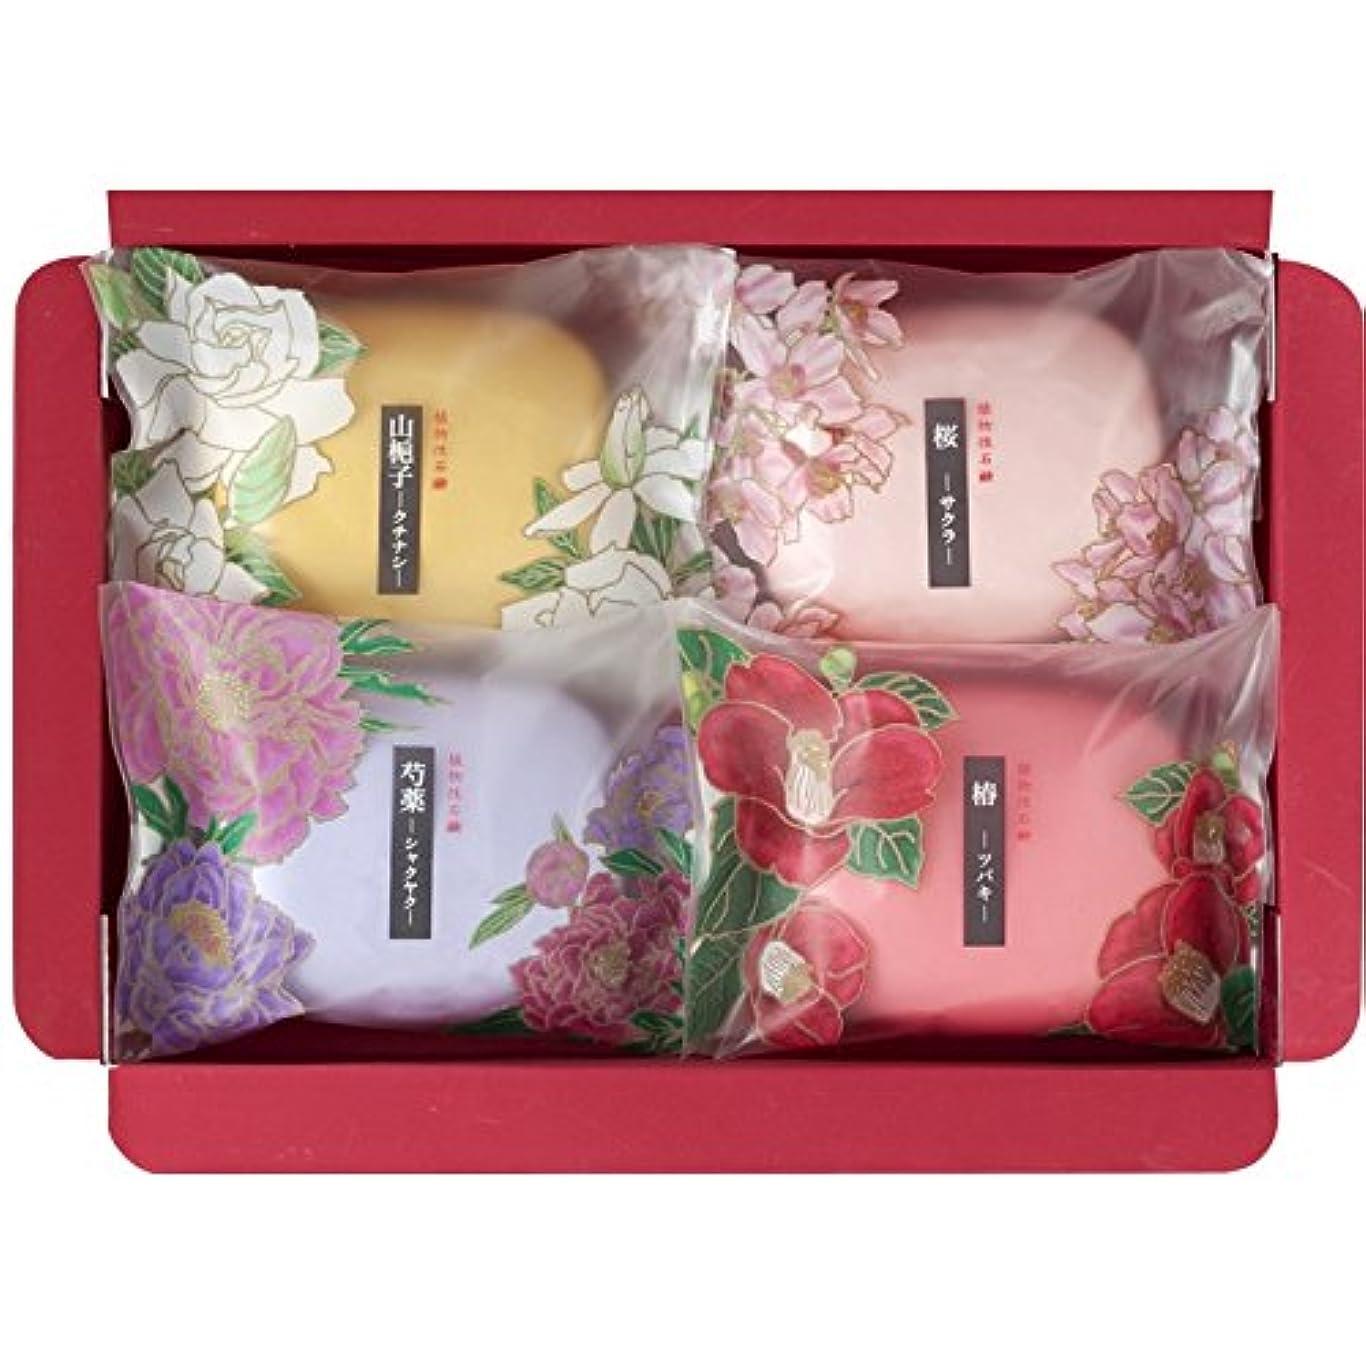 添加剤注文処方彩花だより 【固形 ギフト せっけん あわ いい香り いい匂い うるおい プレゼント お風呂 かおり からだ きれい つめあわせ 日本製 国産 500】